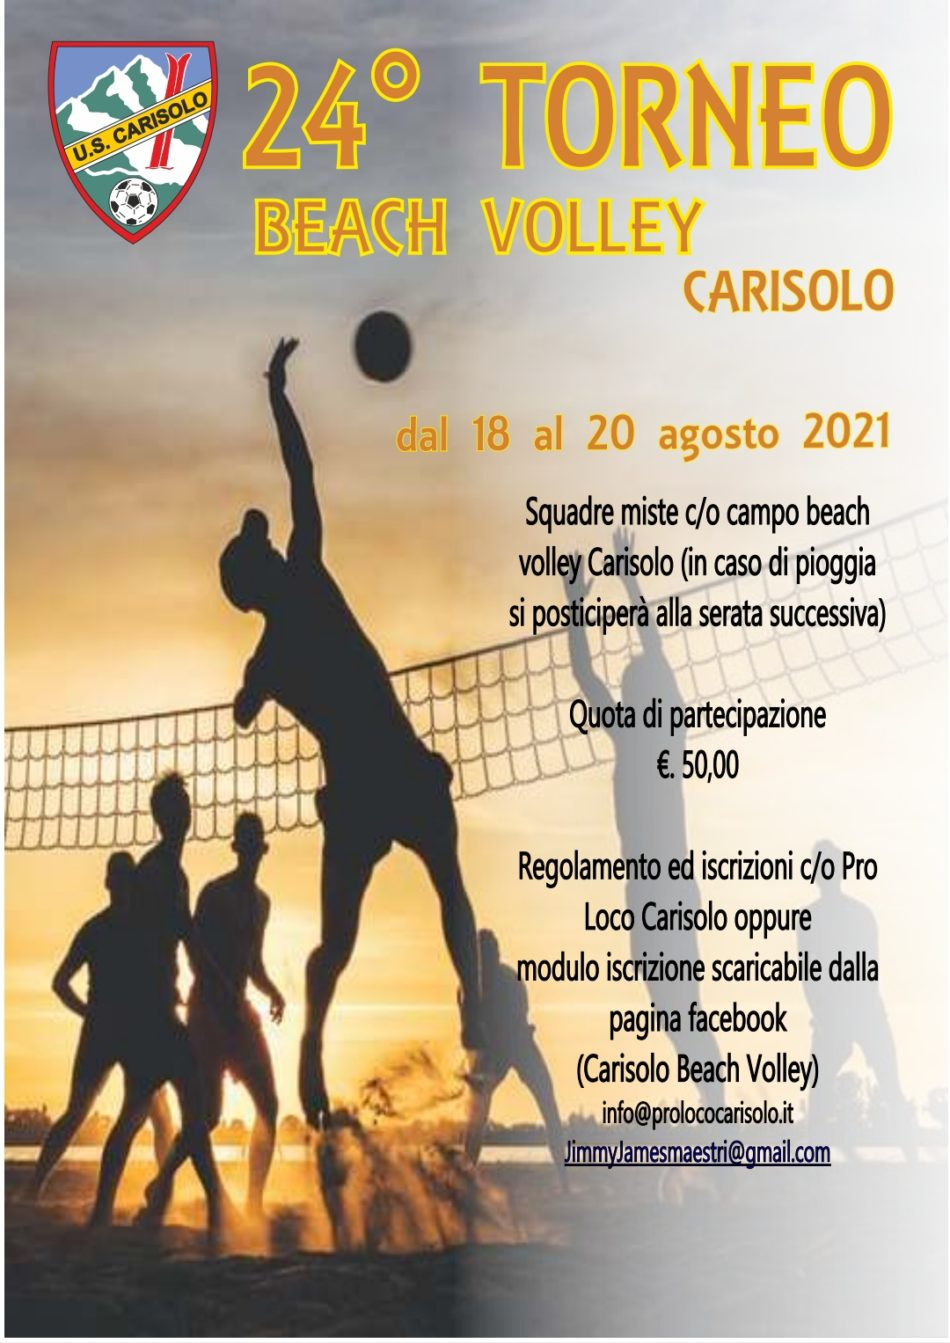 Ritorna, a Carisolo, il torneo di beach volley!!!